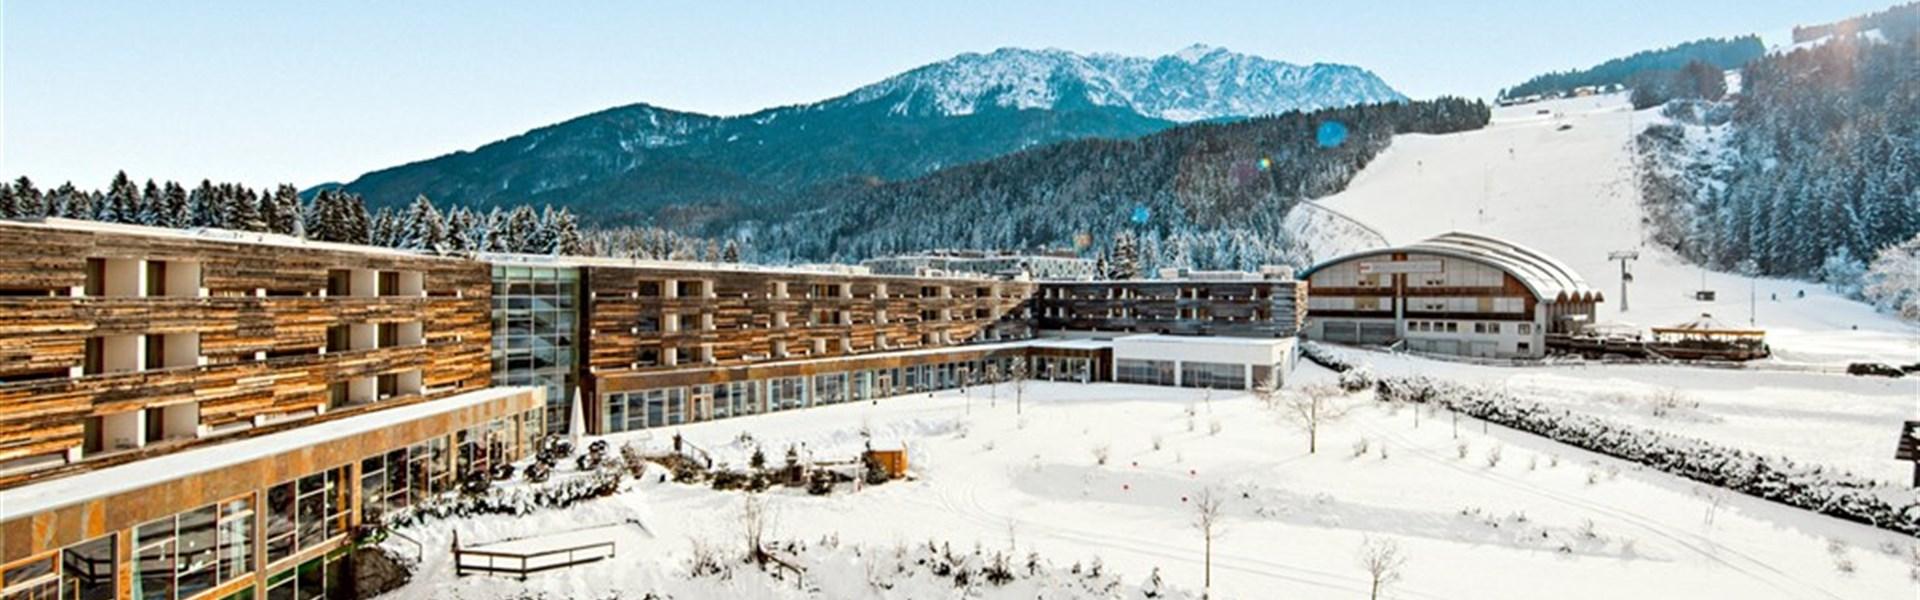 Falkensteiner Hotel & Spa Carinzia W21 -